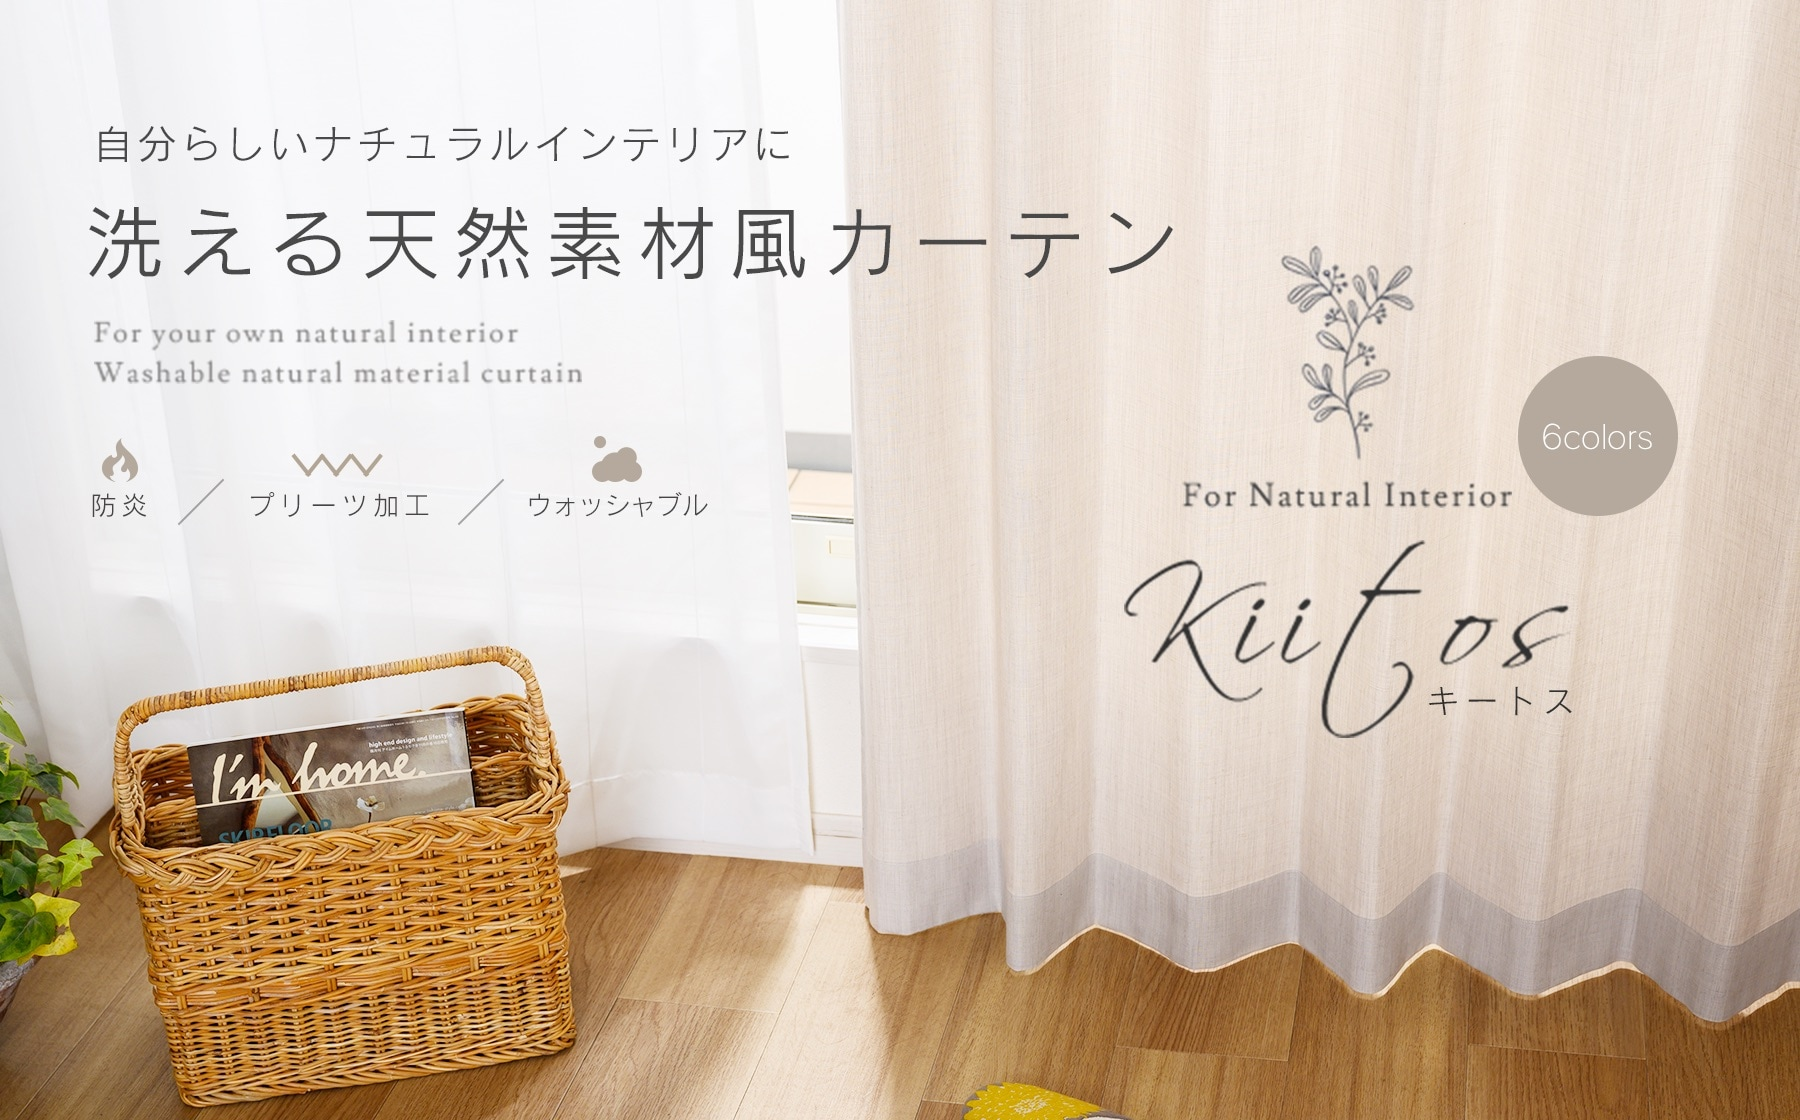 洗える天然素材風カーテン Kiitos